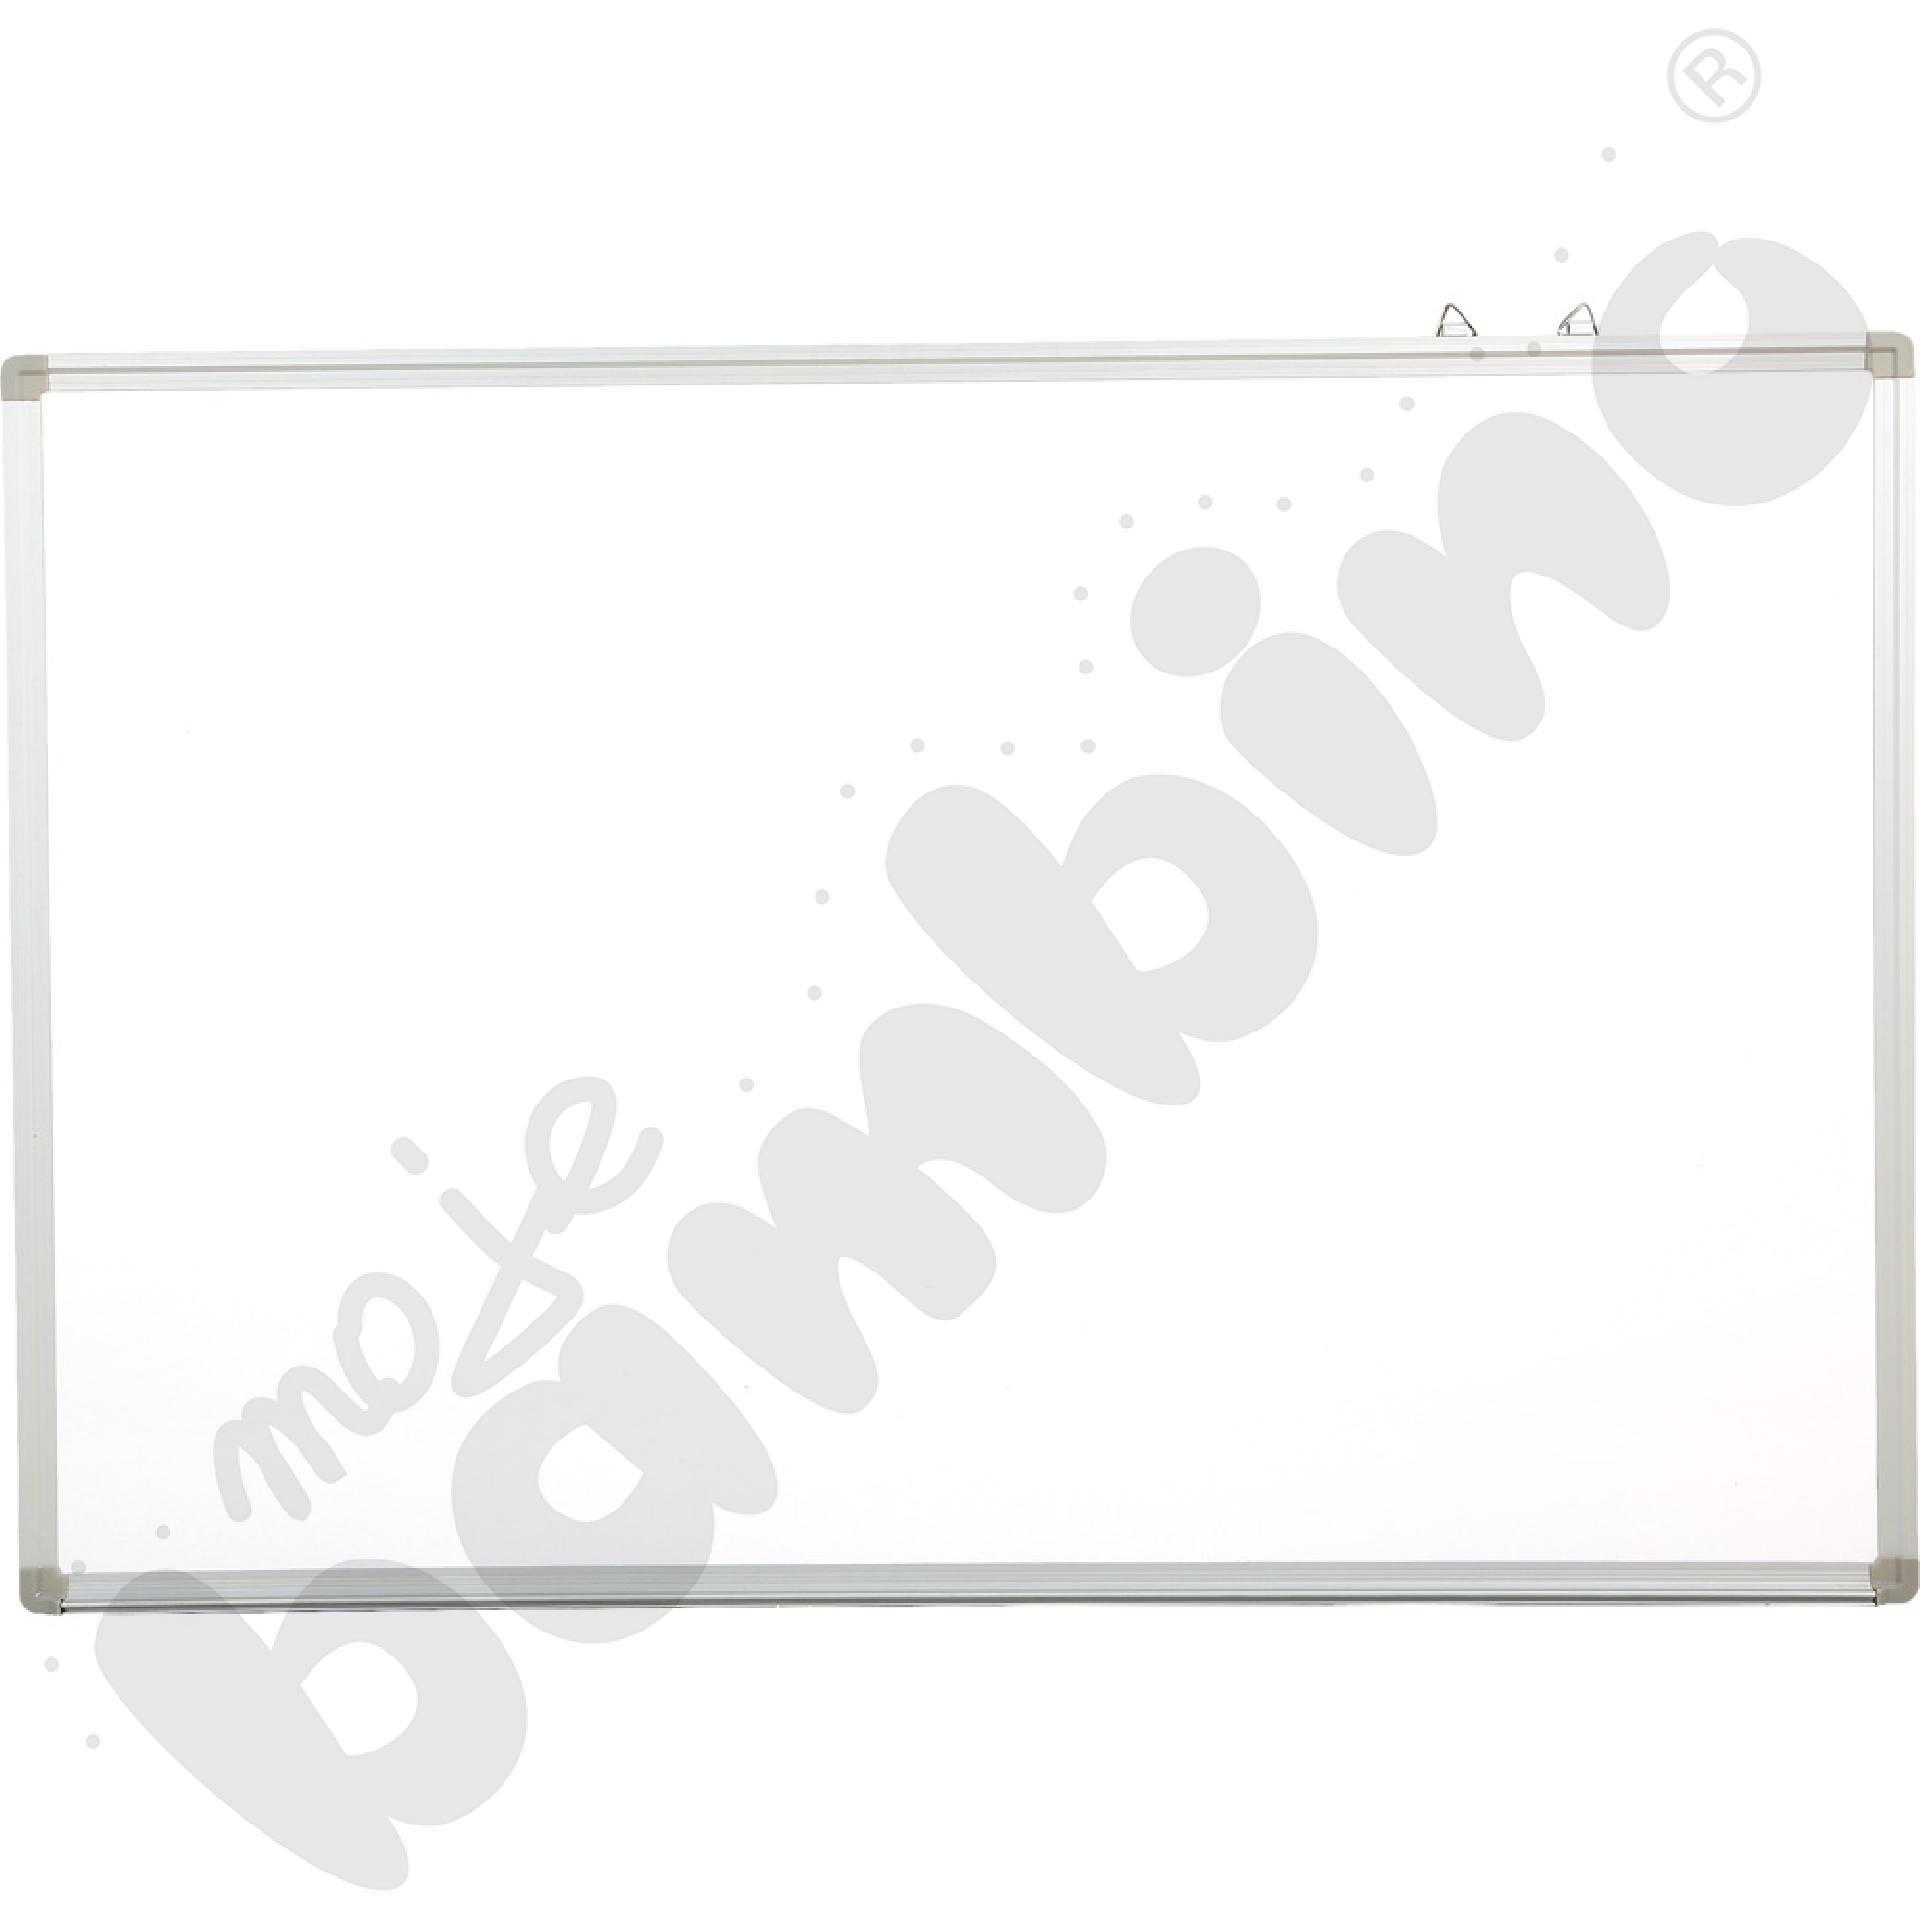 Biała tablica magnetyczna wym. 90 x 60 cm